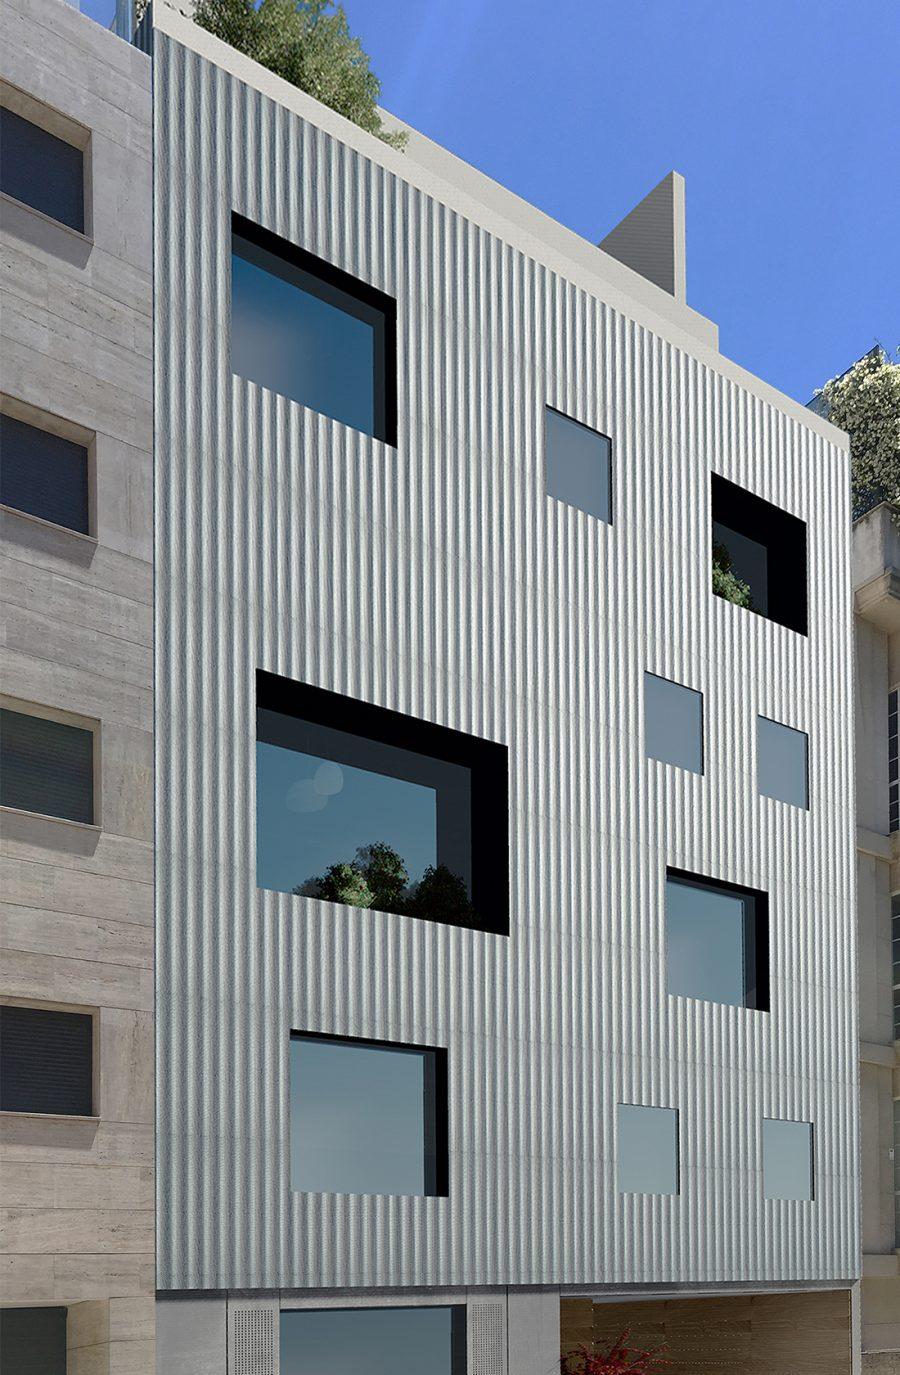 Antonio rodriguez villa 8 render fachada